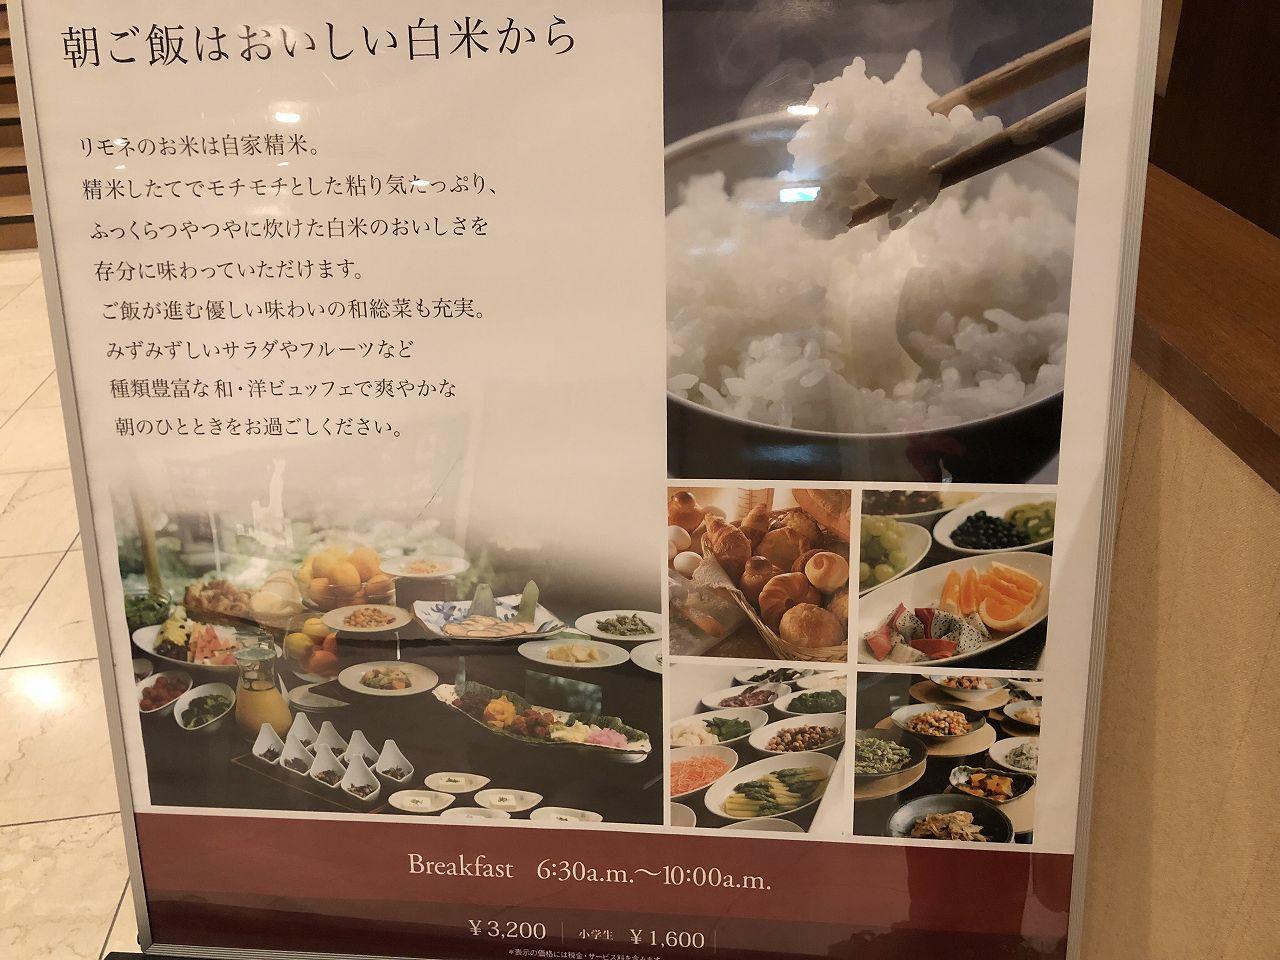 リーガロイヤルホテル大阪の朝食ブッフェ